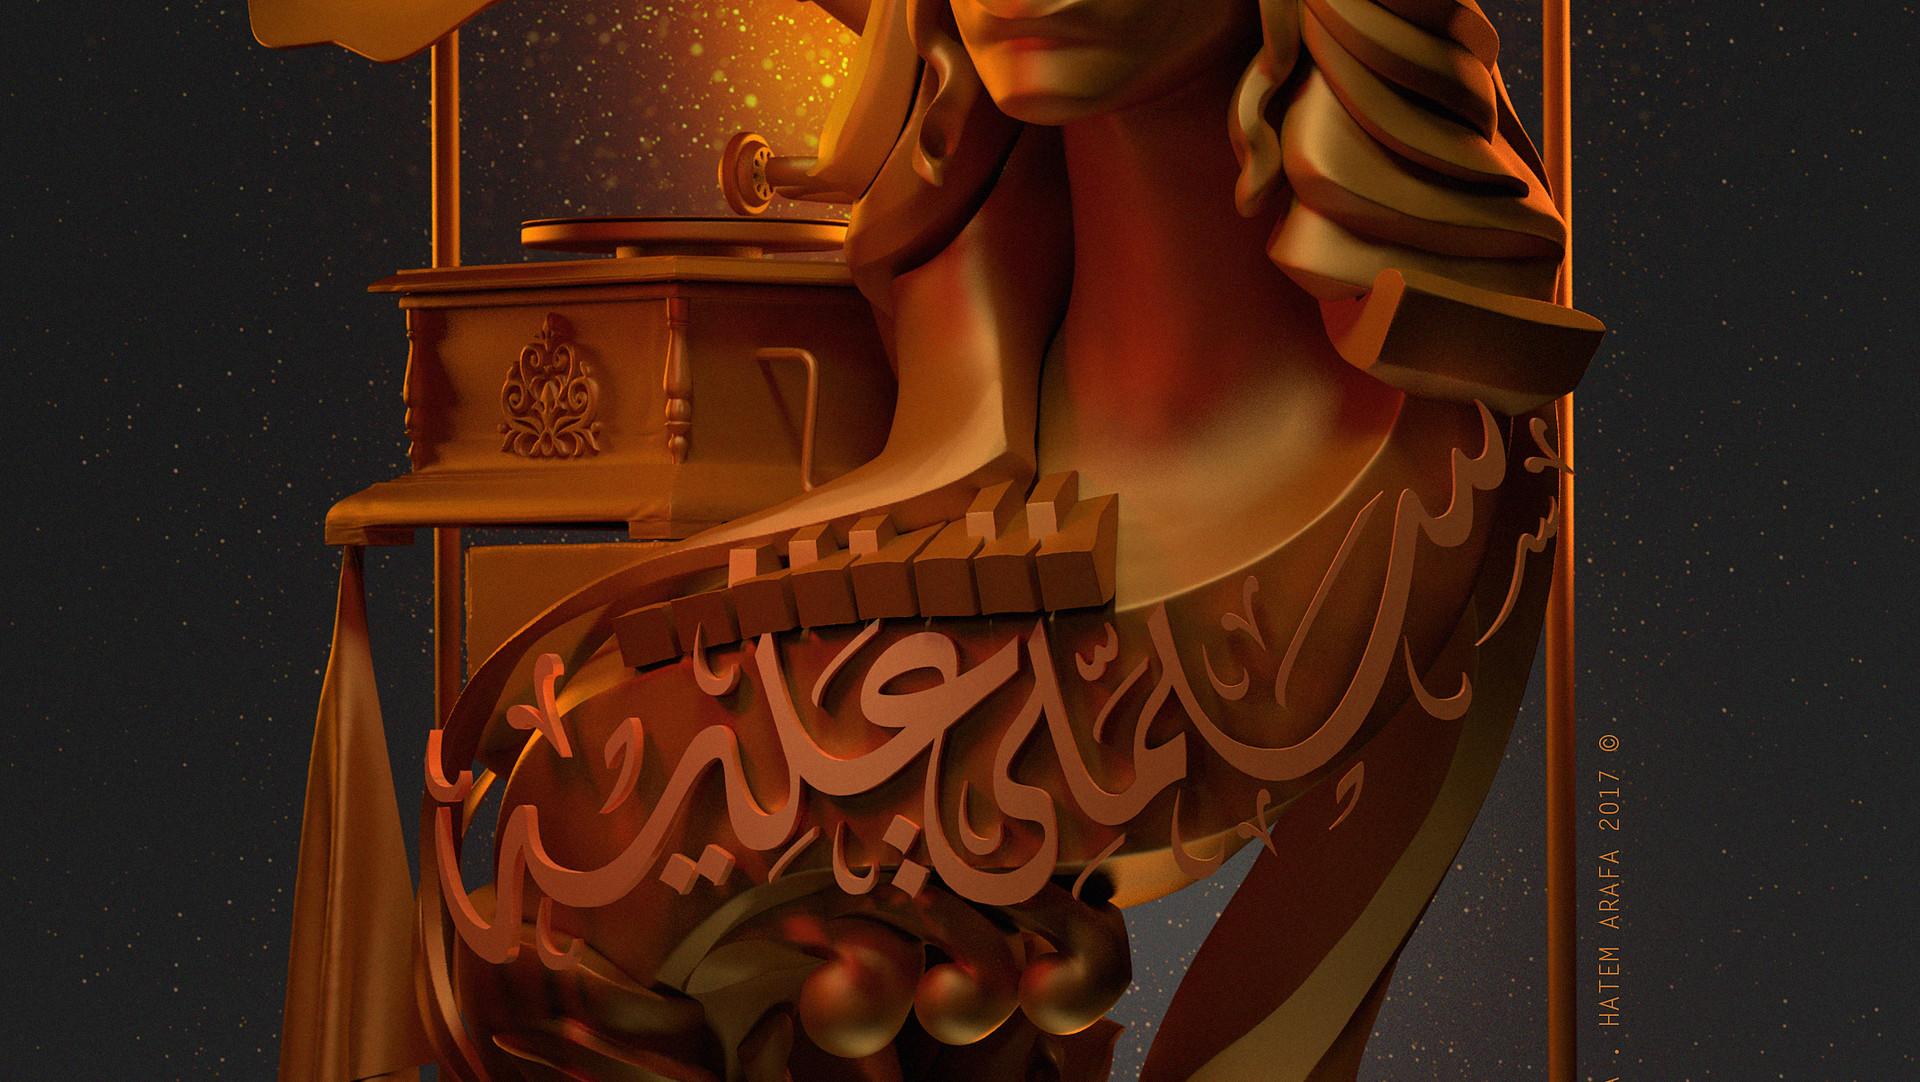 Mohamed alaa 59 2